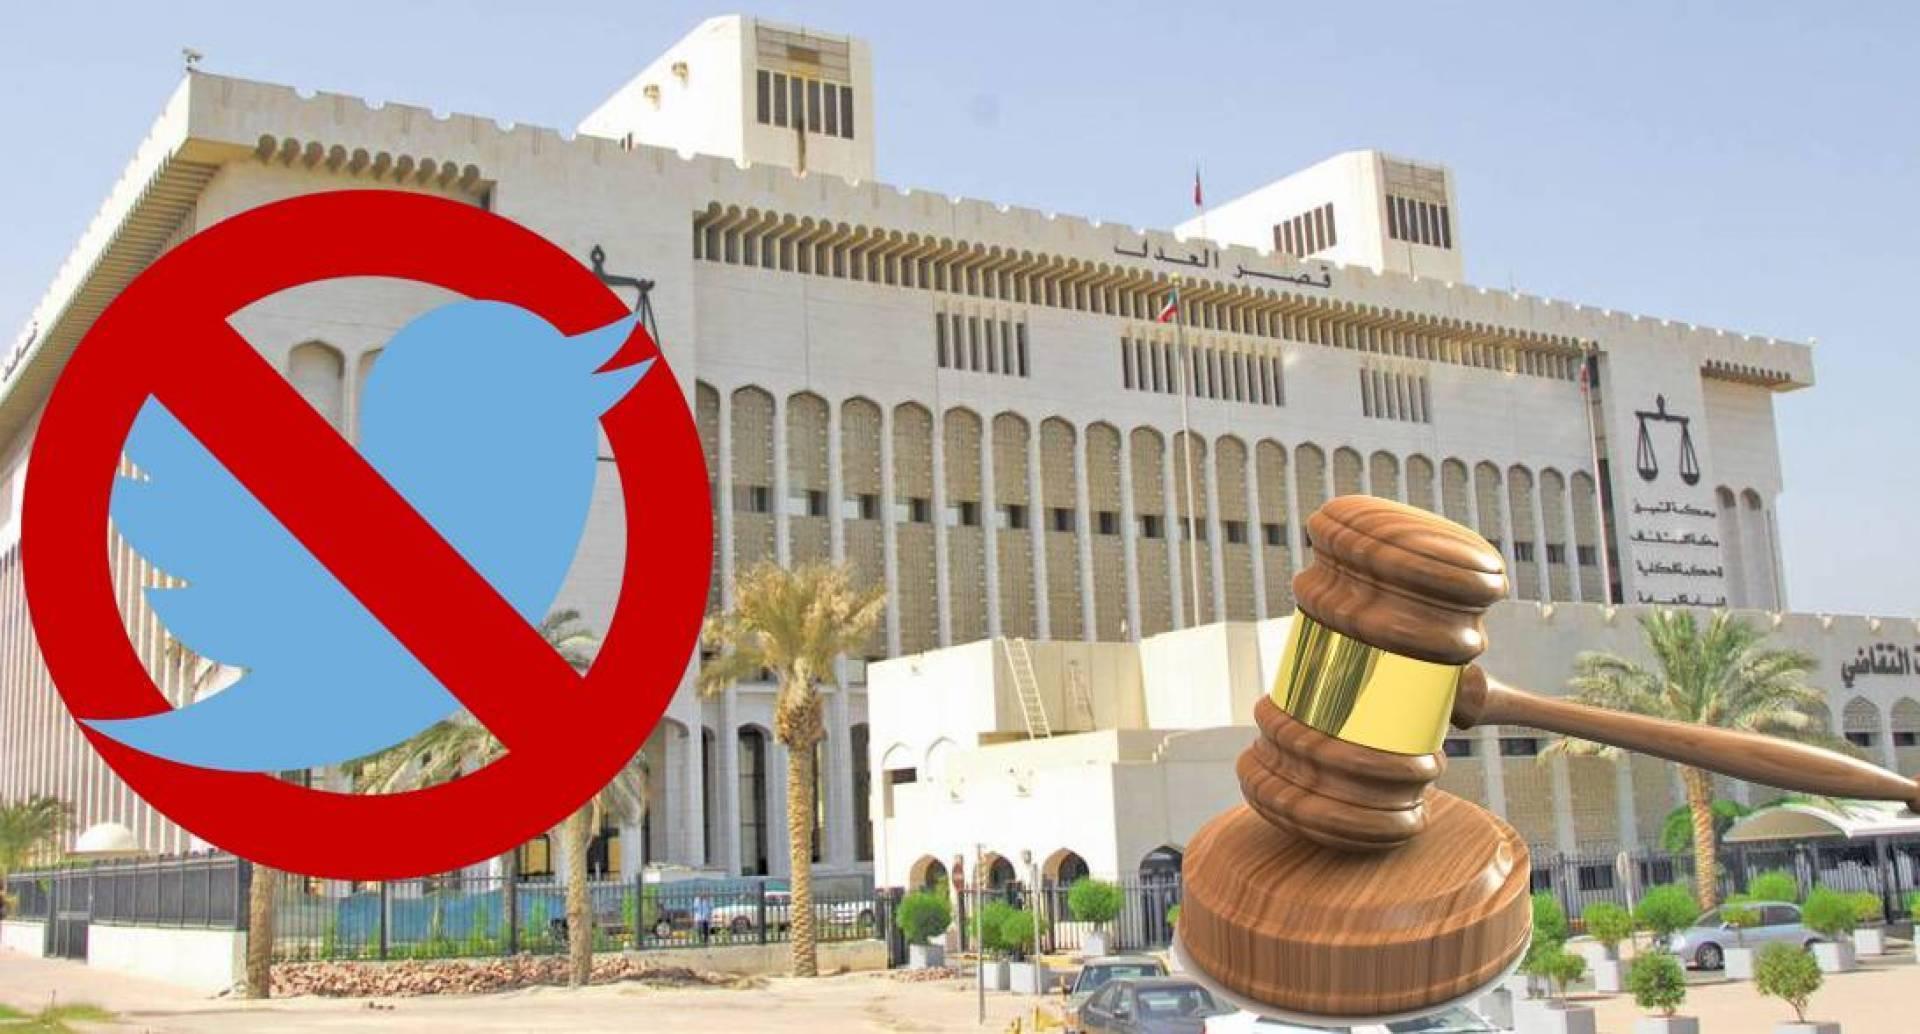 المطالبة بإغلاق «تويتر» في الكويت: «الفتوى» تطلب التأجيل.. والقضية إلى دائرة أخرى